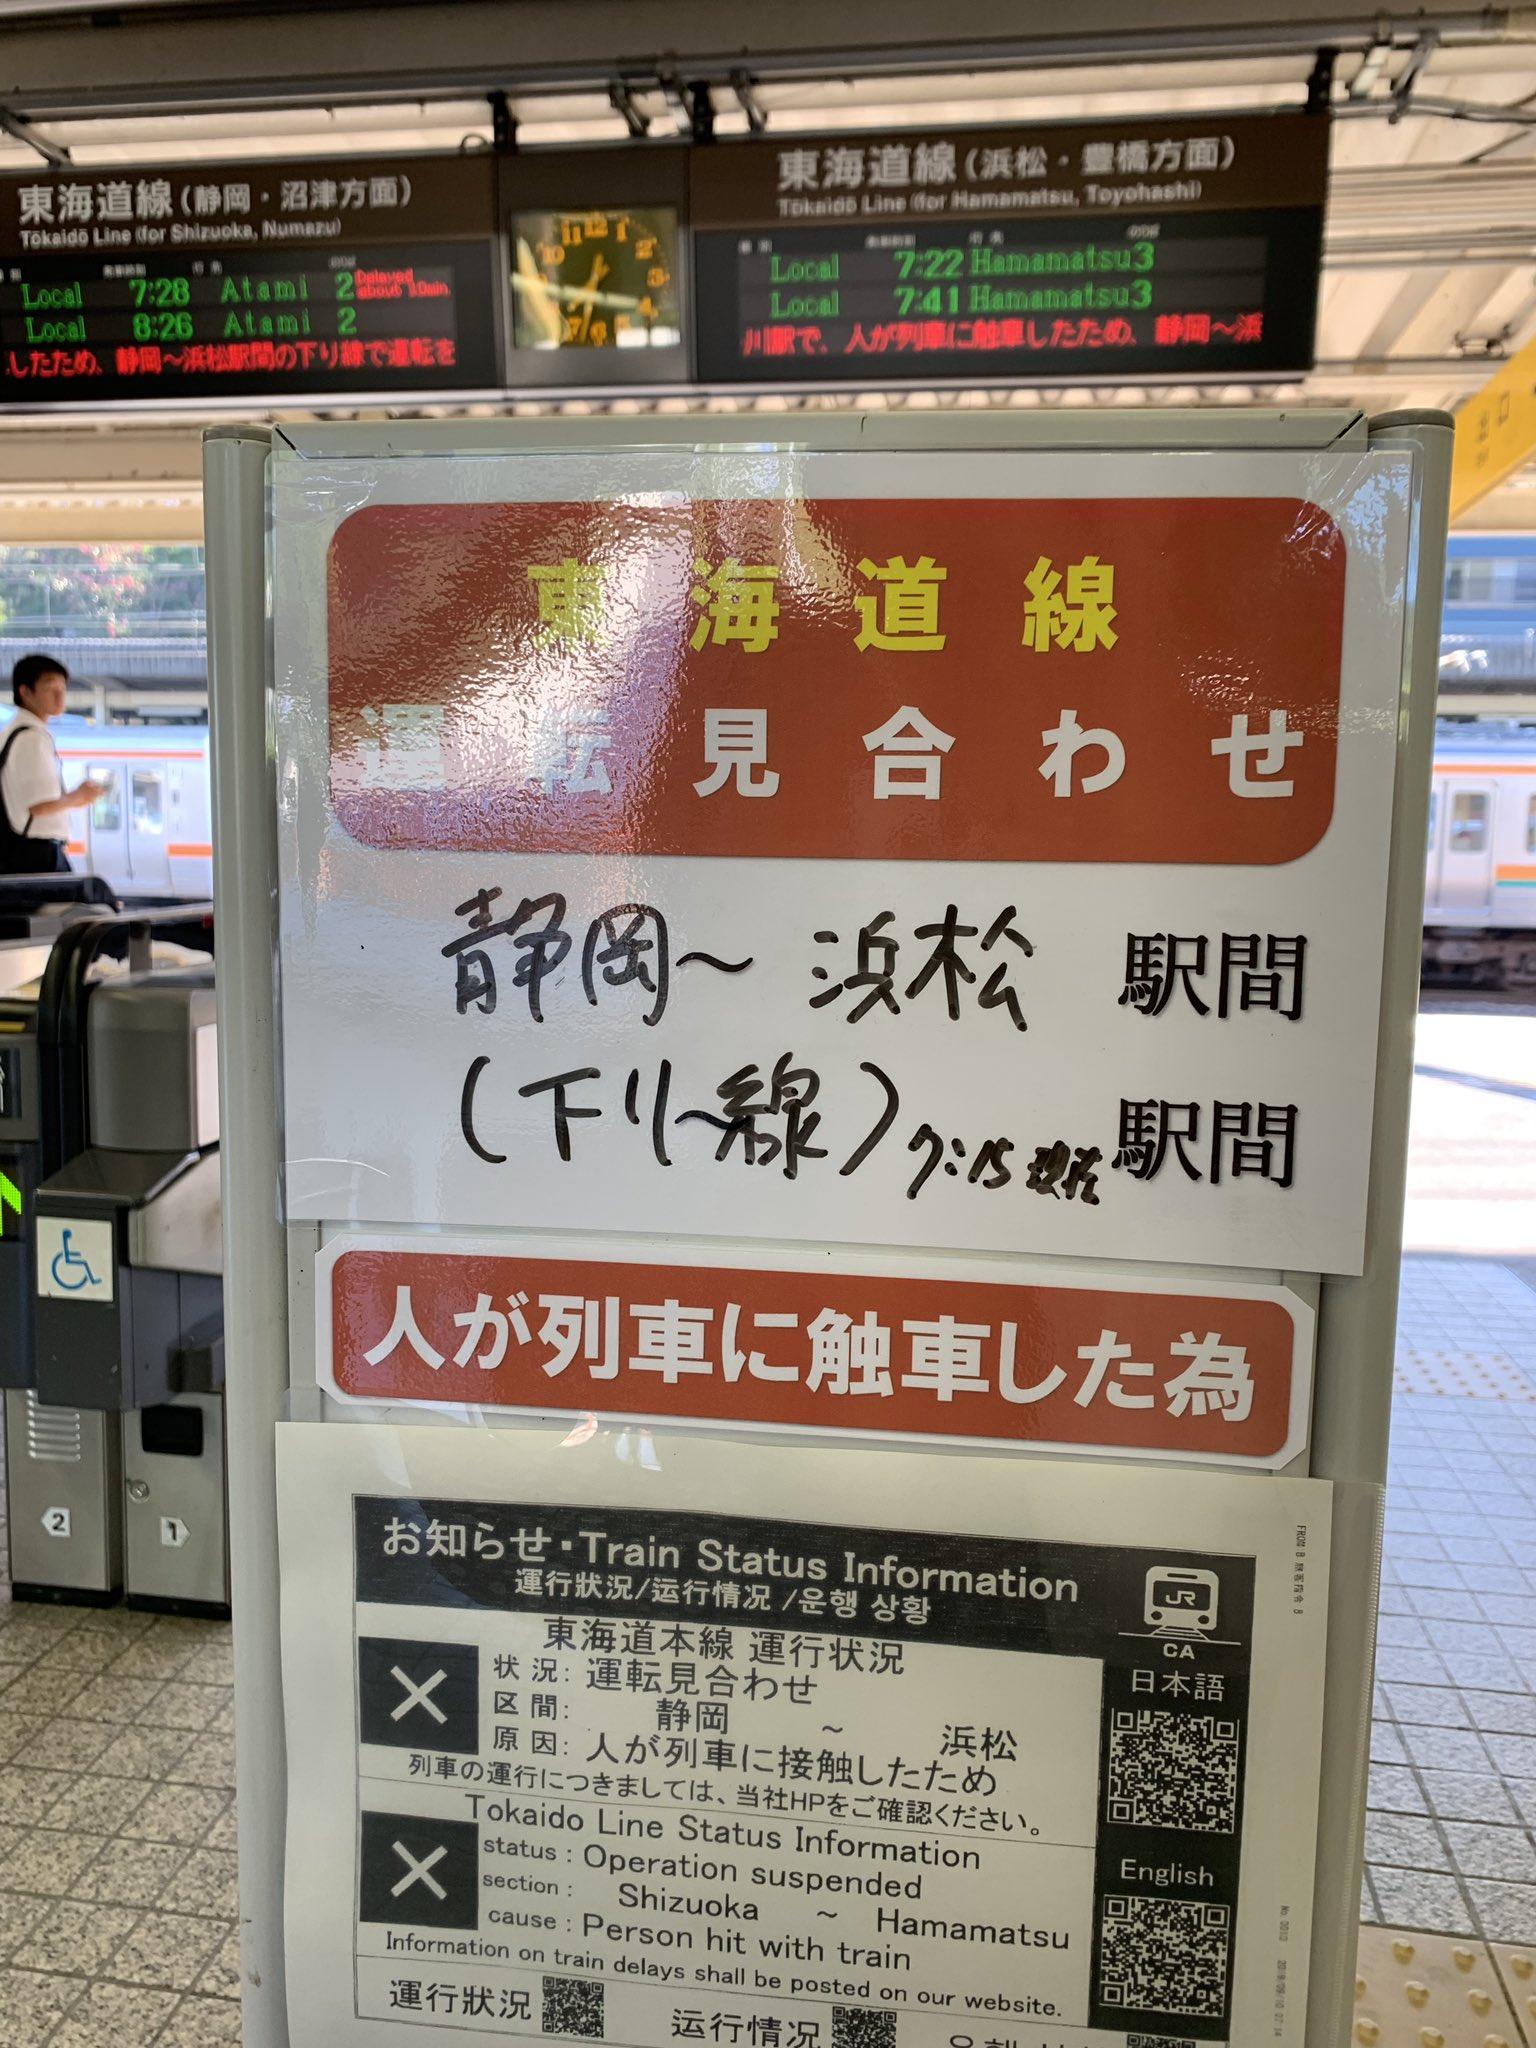 東海道本線の掛川駅で人身事故が起きた掲示板の画像